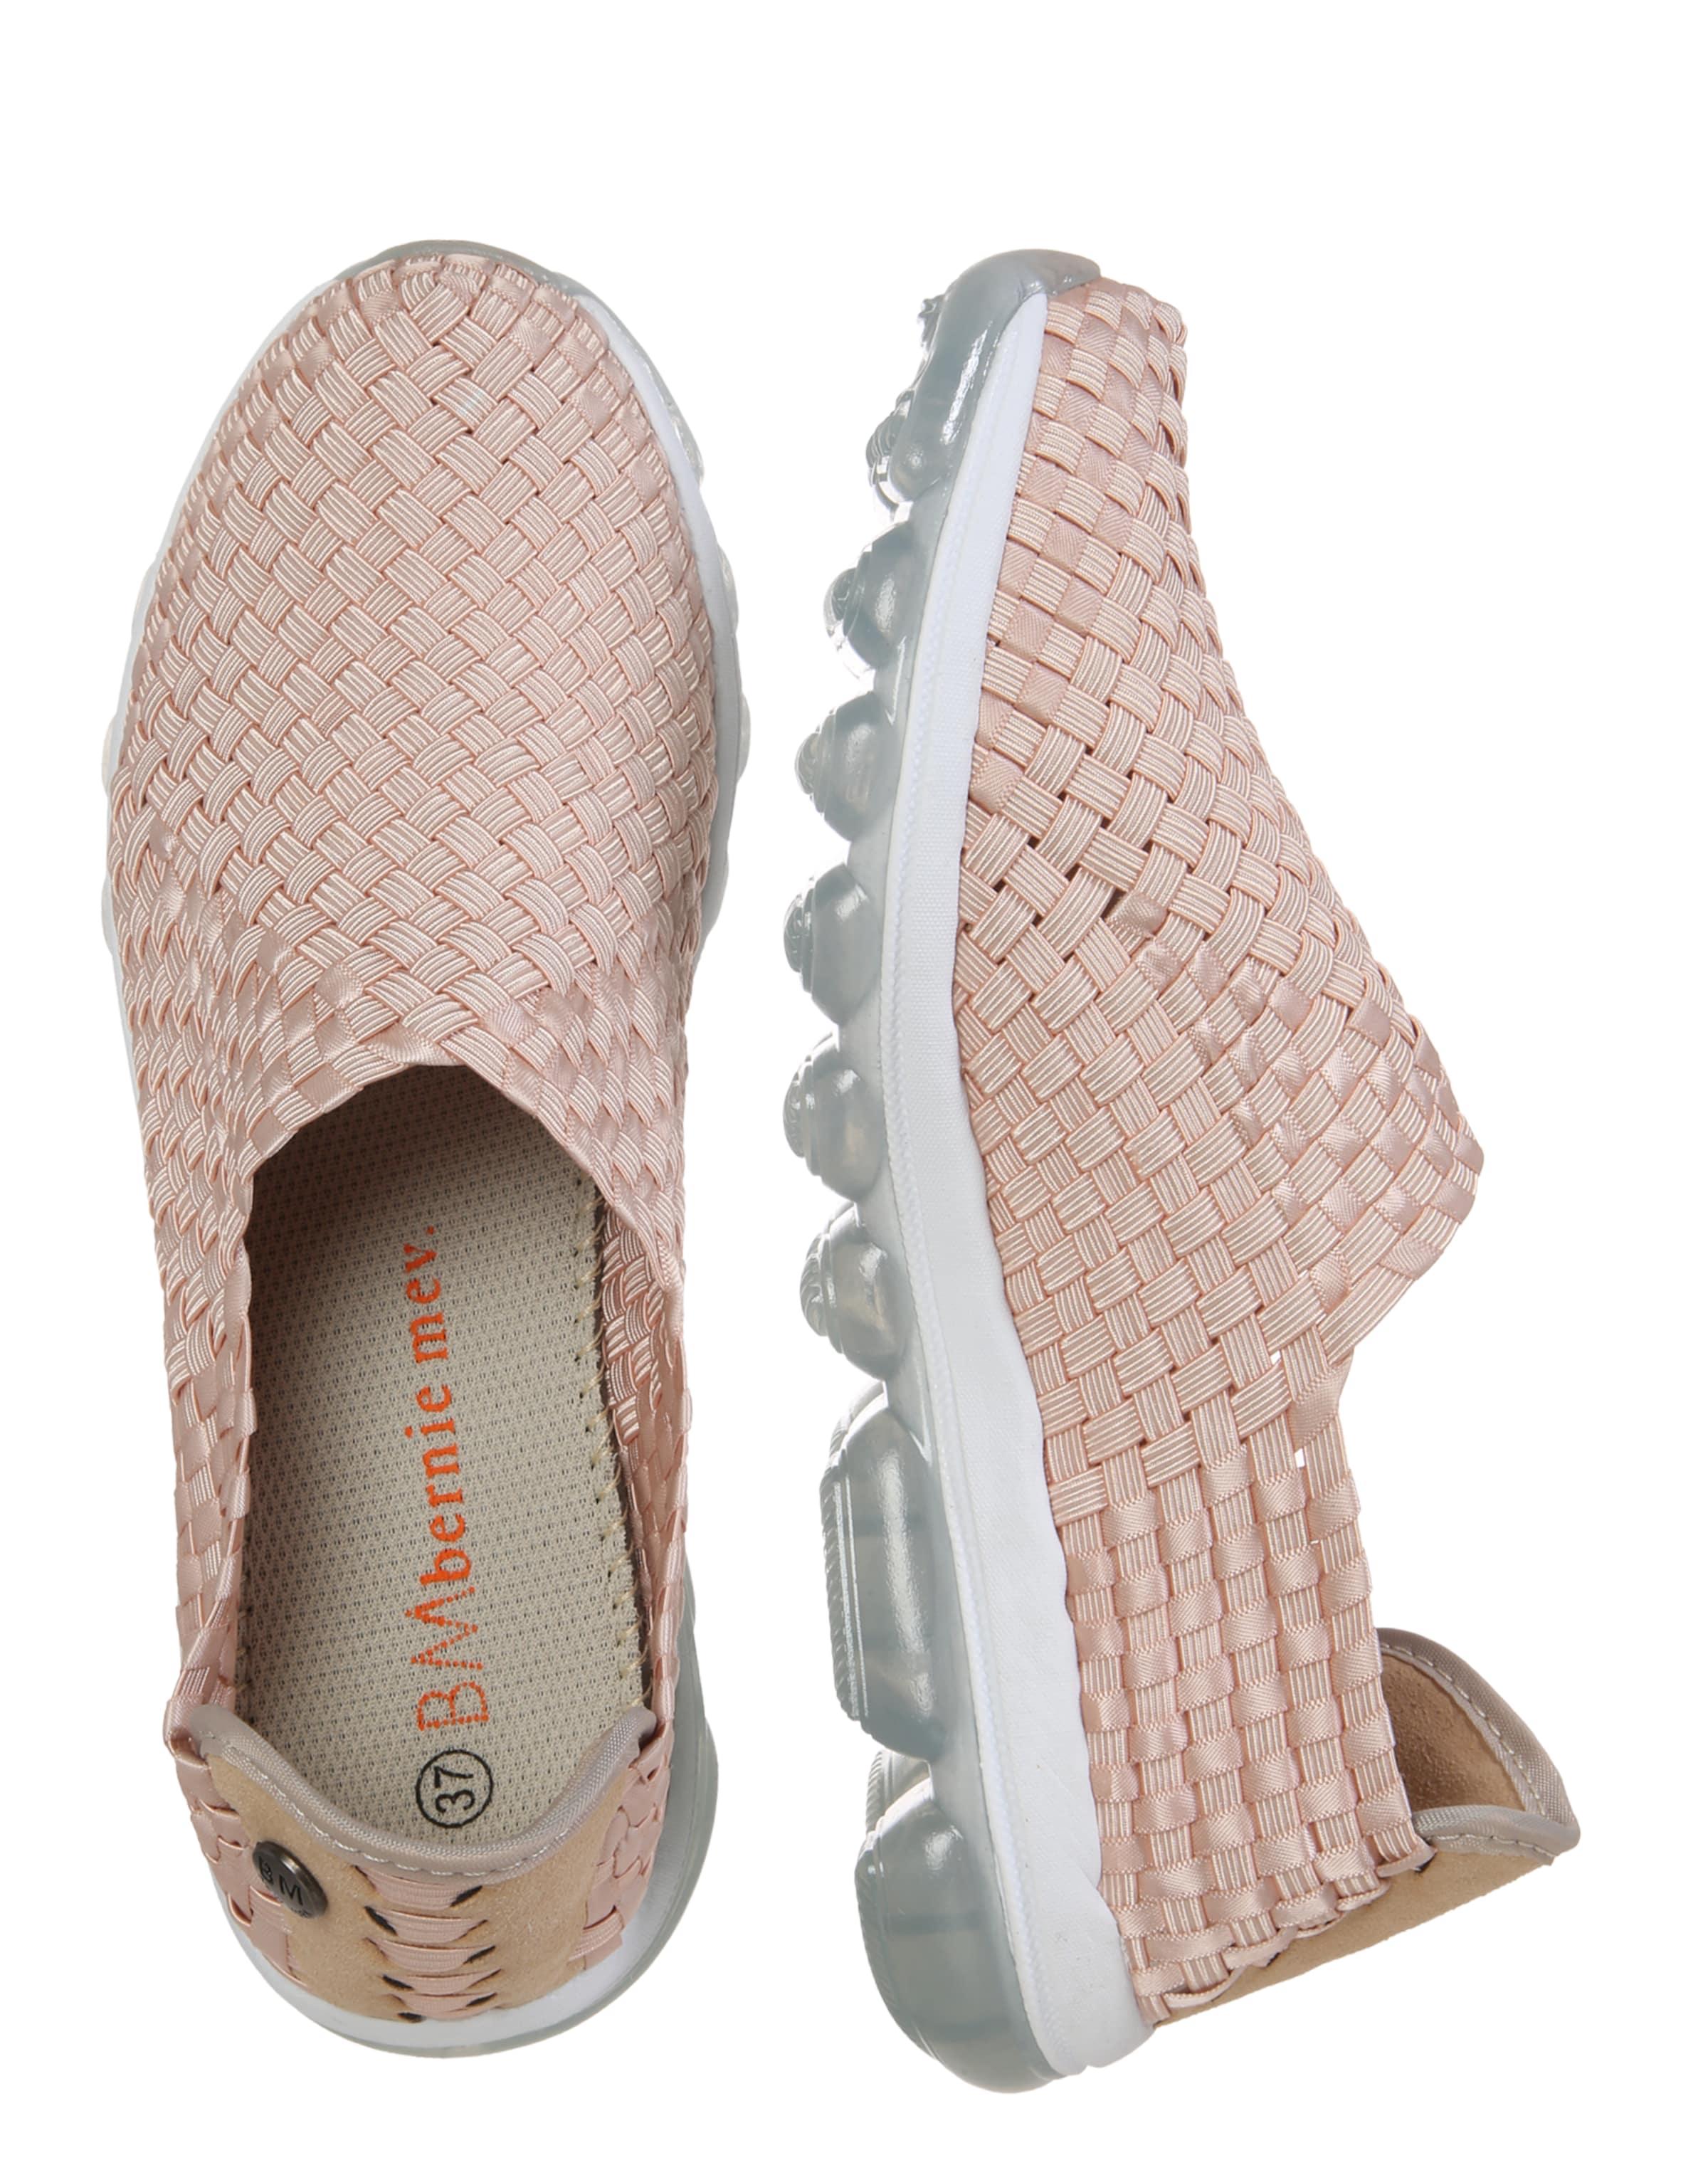 Bernie Mev Sneaker 'Gummies Gem' Billig Footlocker Finish Verkauf Breite Palette Von  Verkaufsschlager  Spitzenreiter DGeARtAD